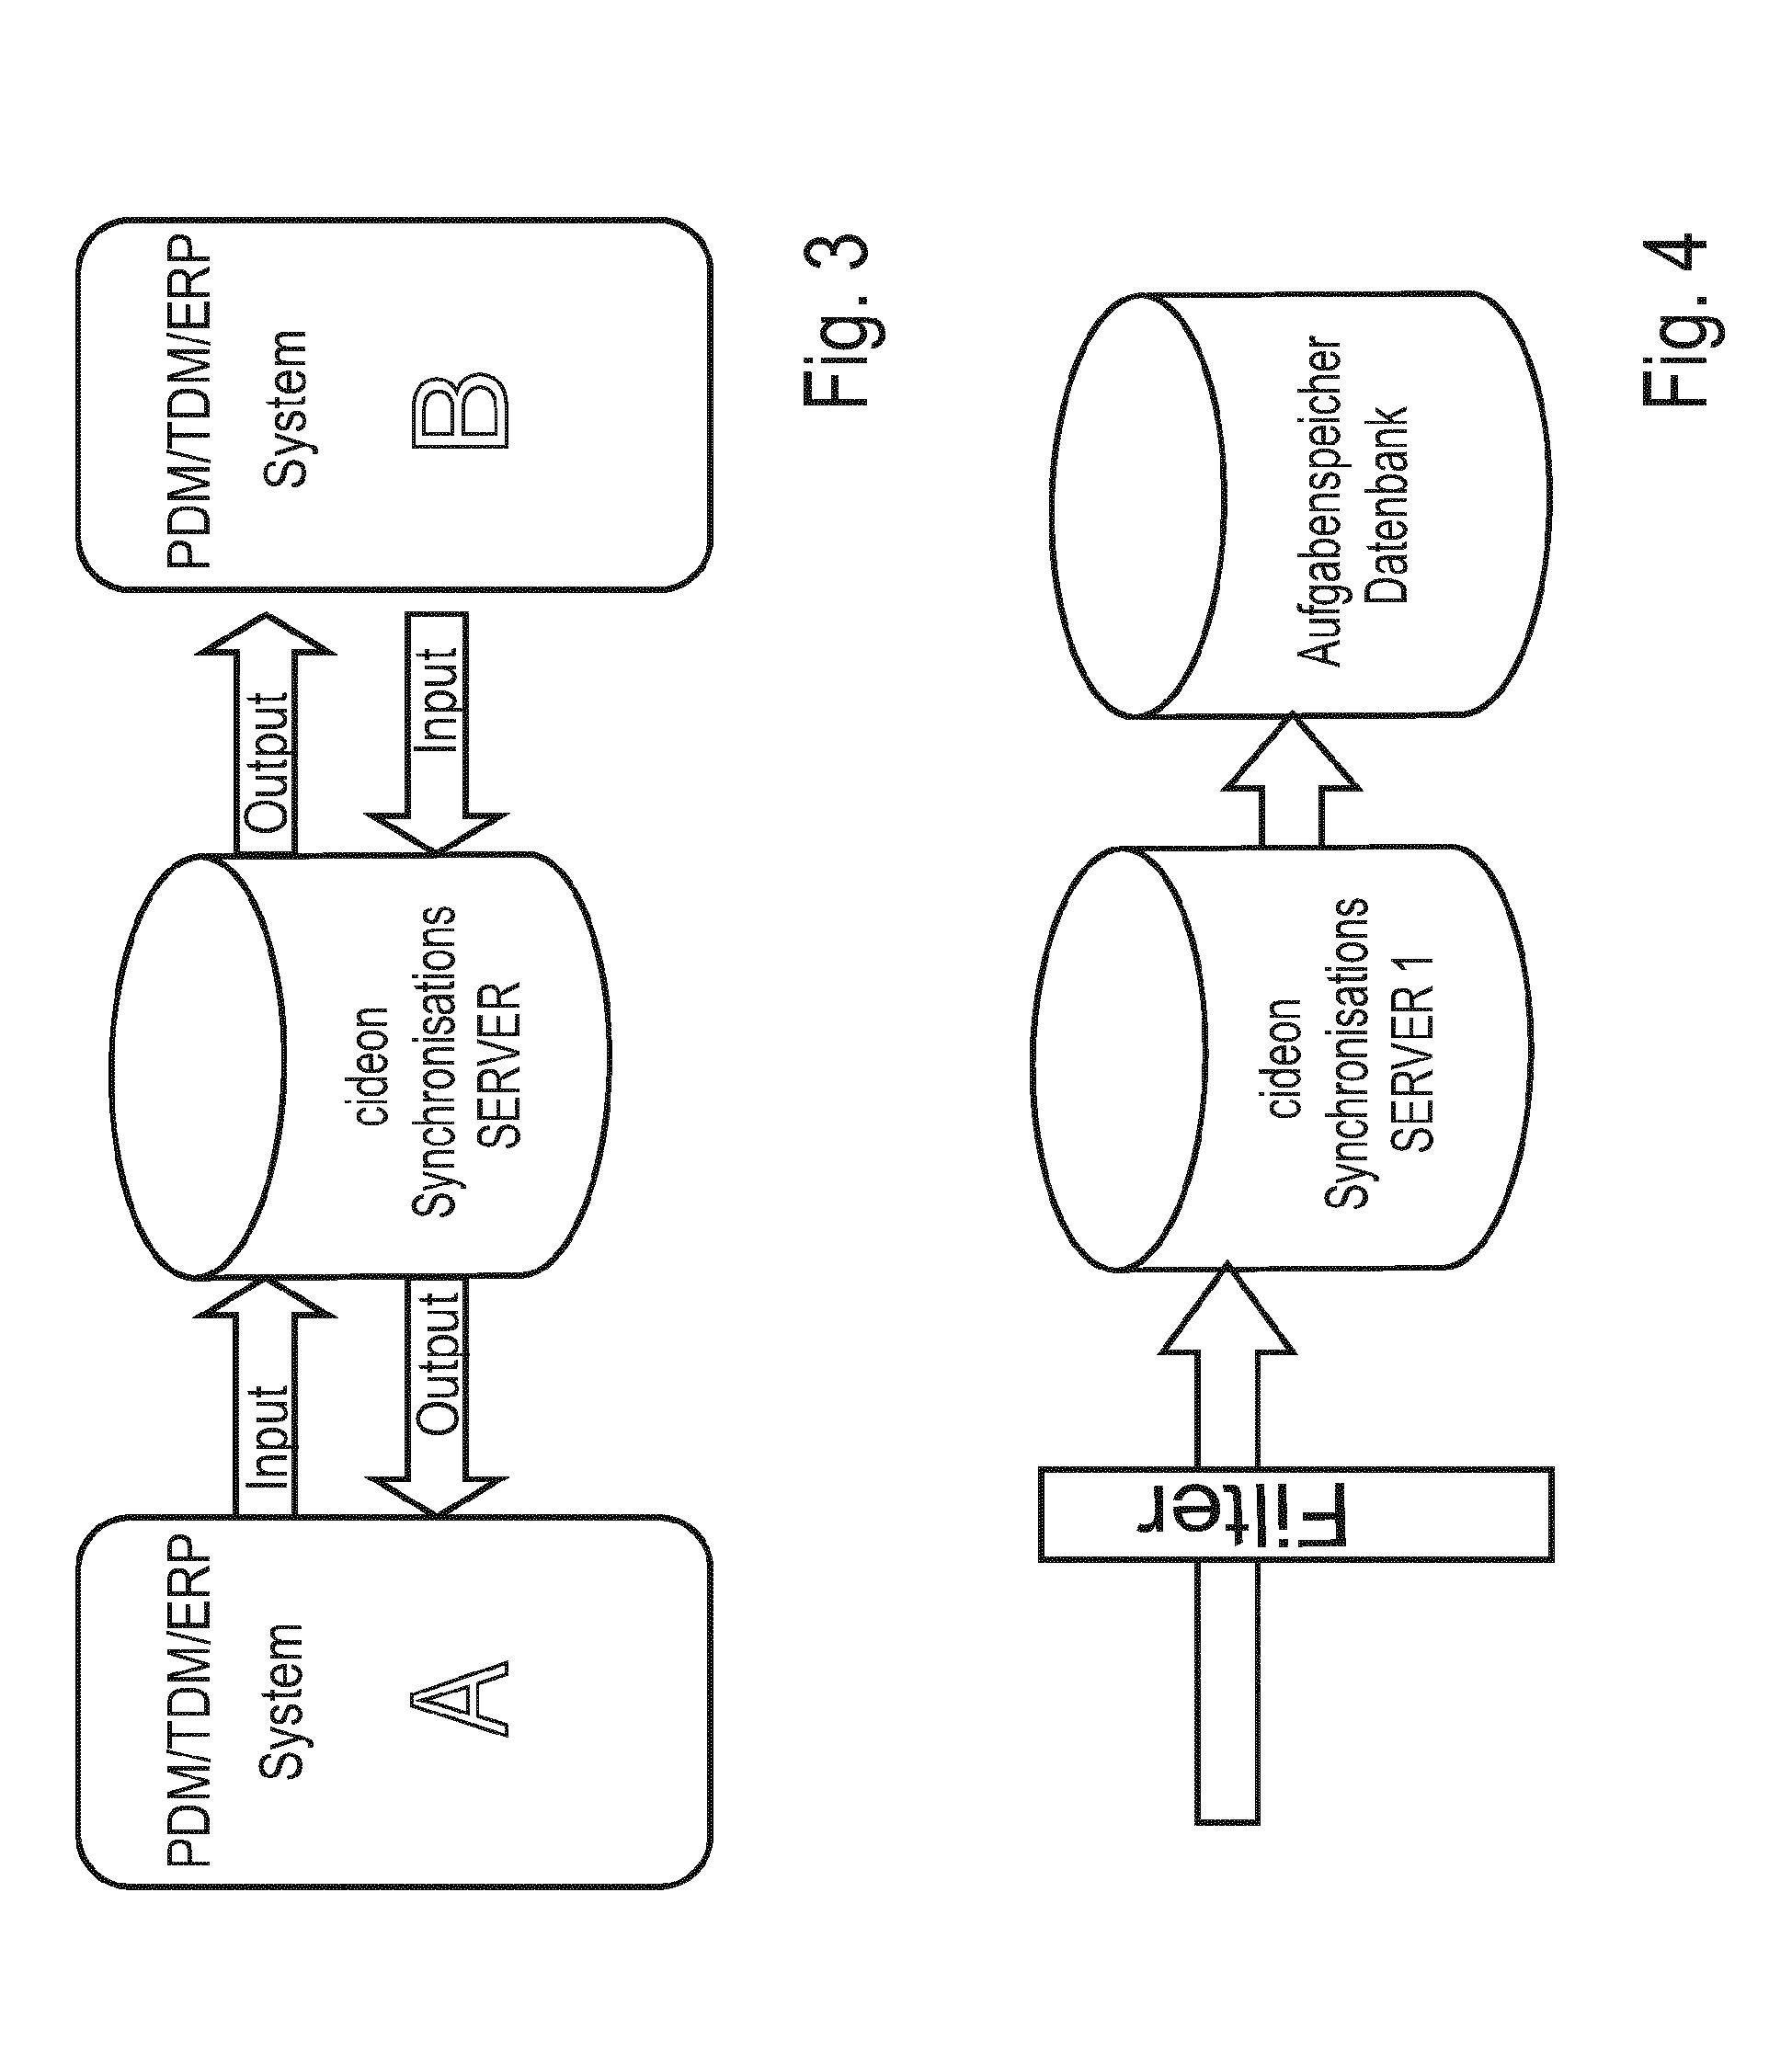 patent ep2581865a2 verfahren zur synchronisation von daten zwischen entwicklungs und oder. Black Bedroom Furniture Sets. Home Design Ideas